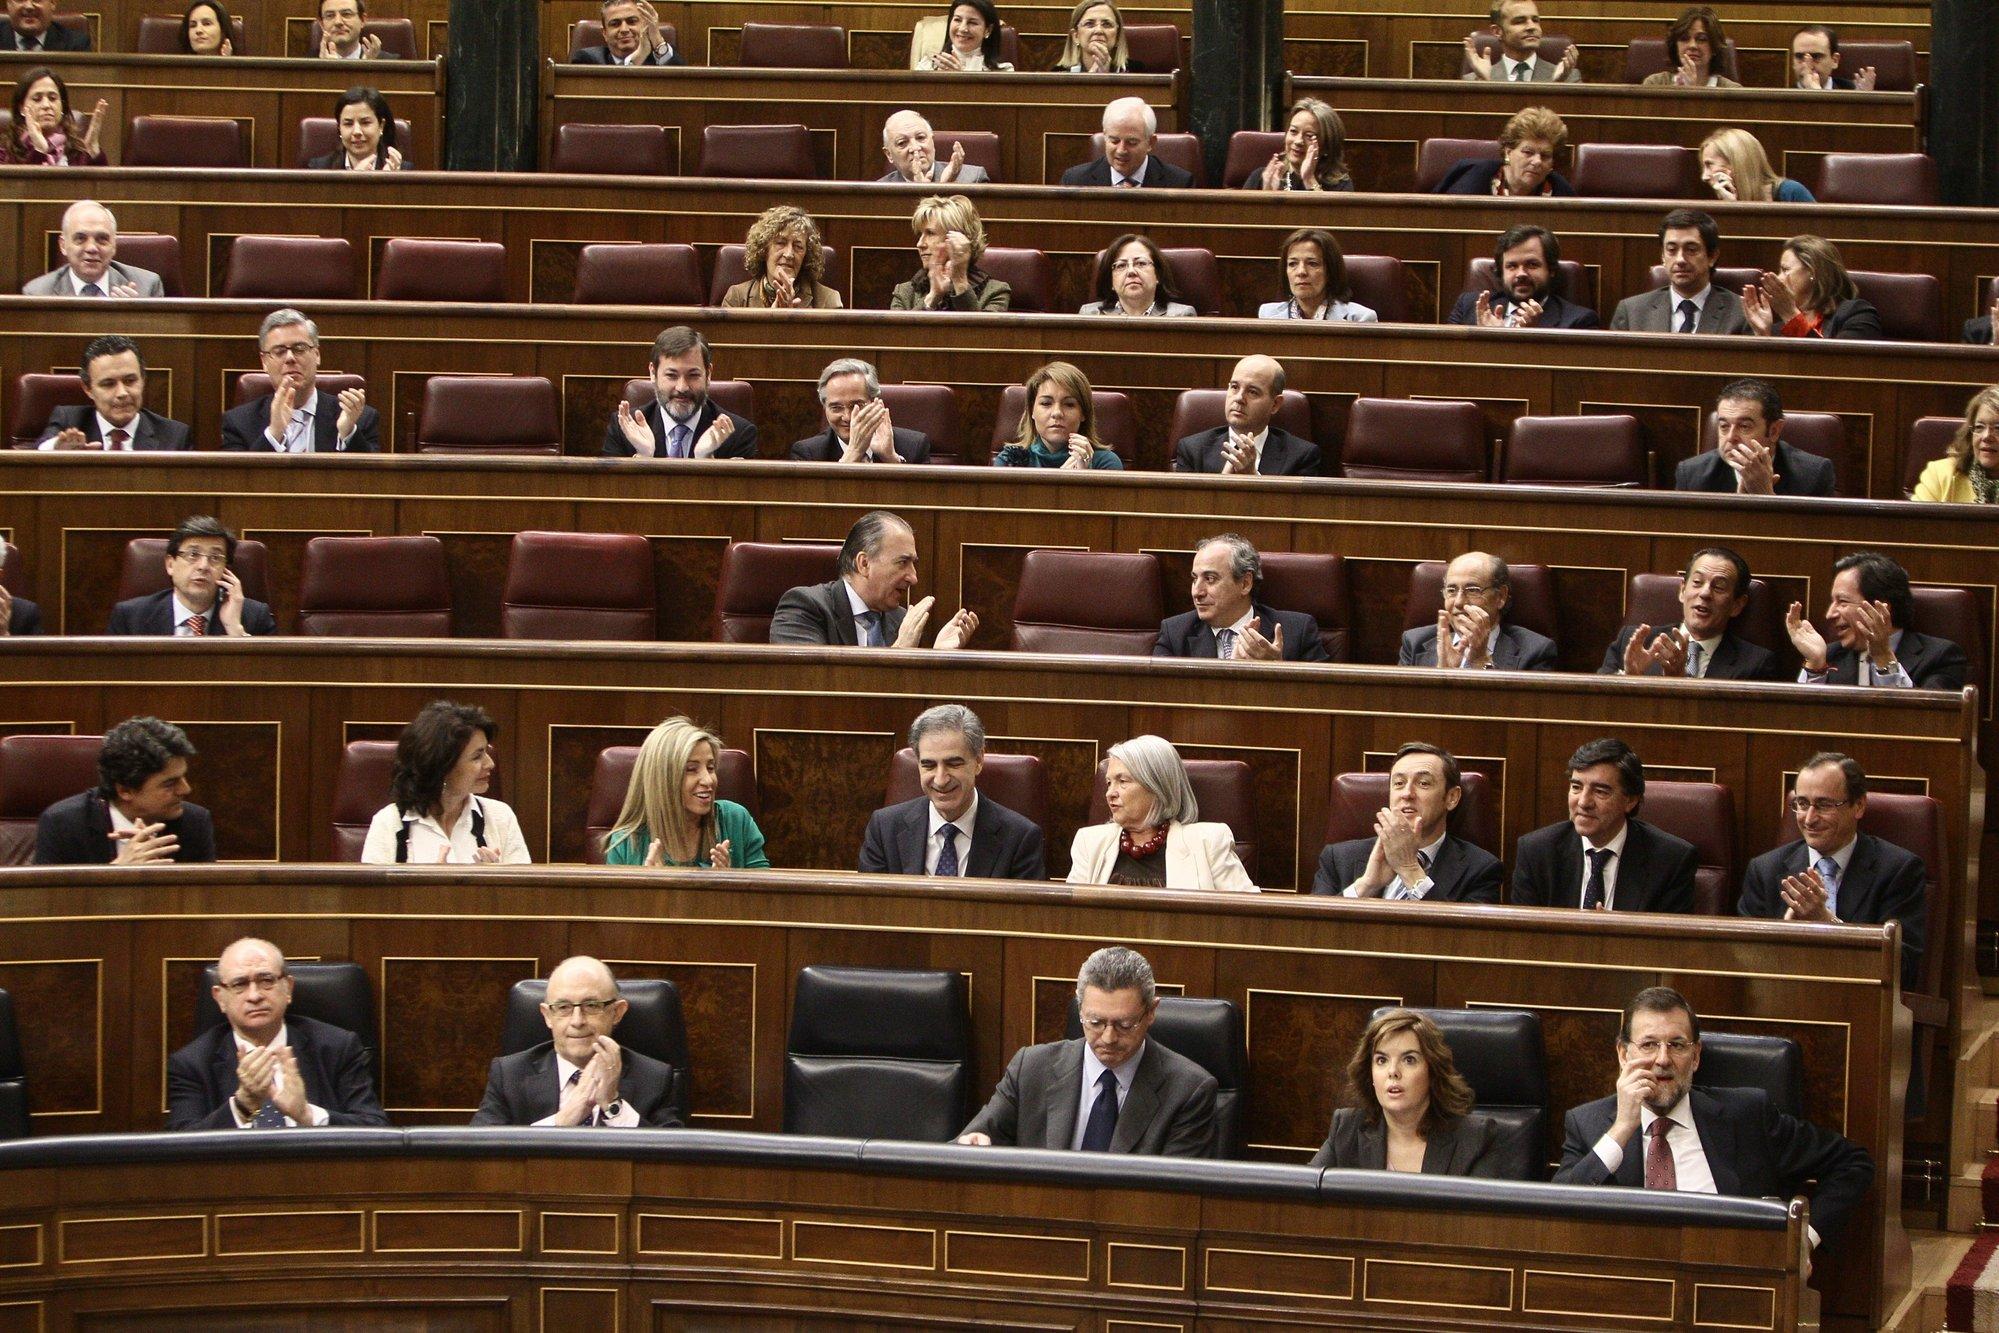 El PP se queda solo con CiU para aprobar el decreto que le permitirá nombrar al presidente de RTVE